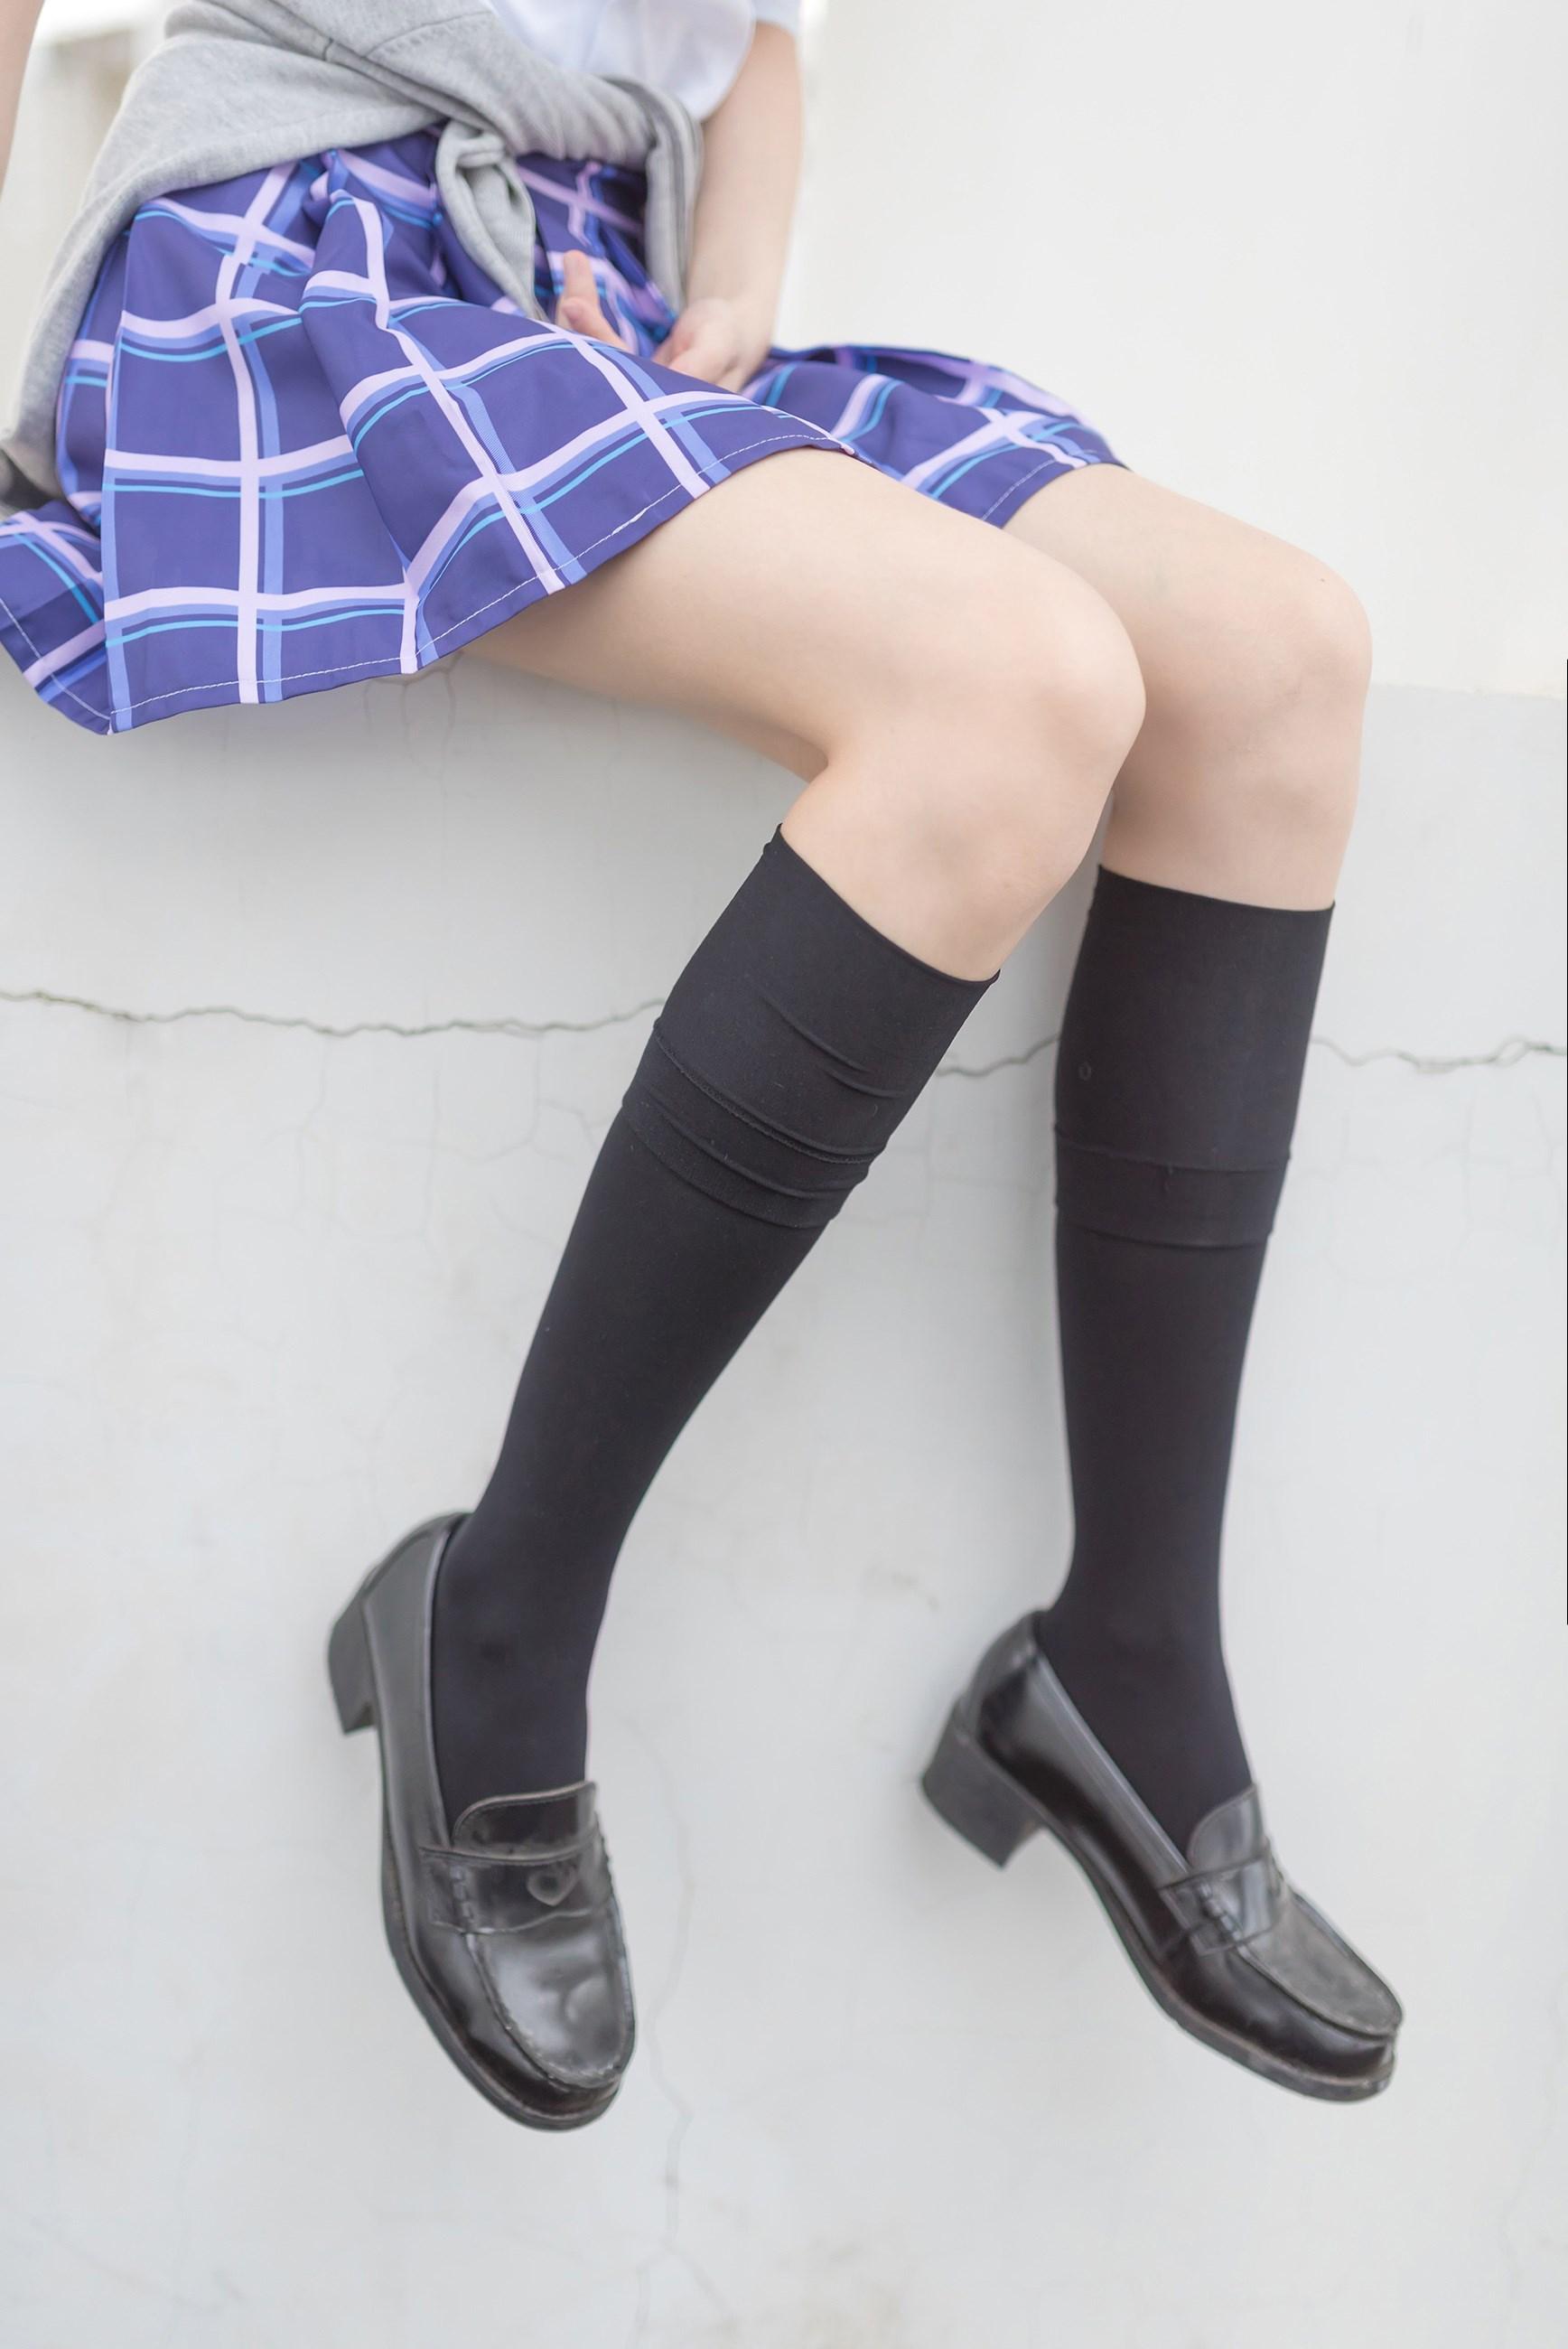 【兔玩映画】天台的蓝裙少女 兔玩映画 第32张